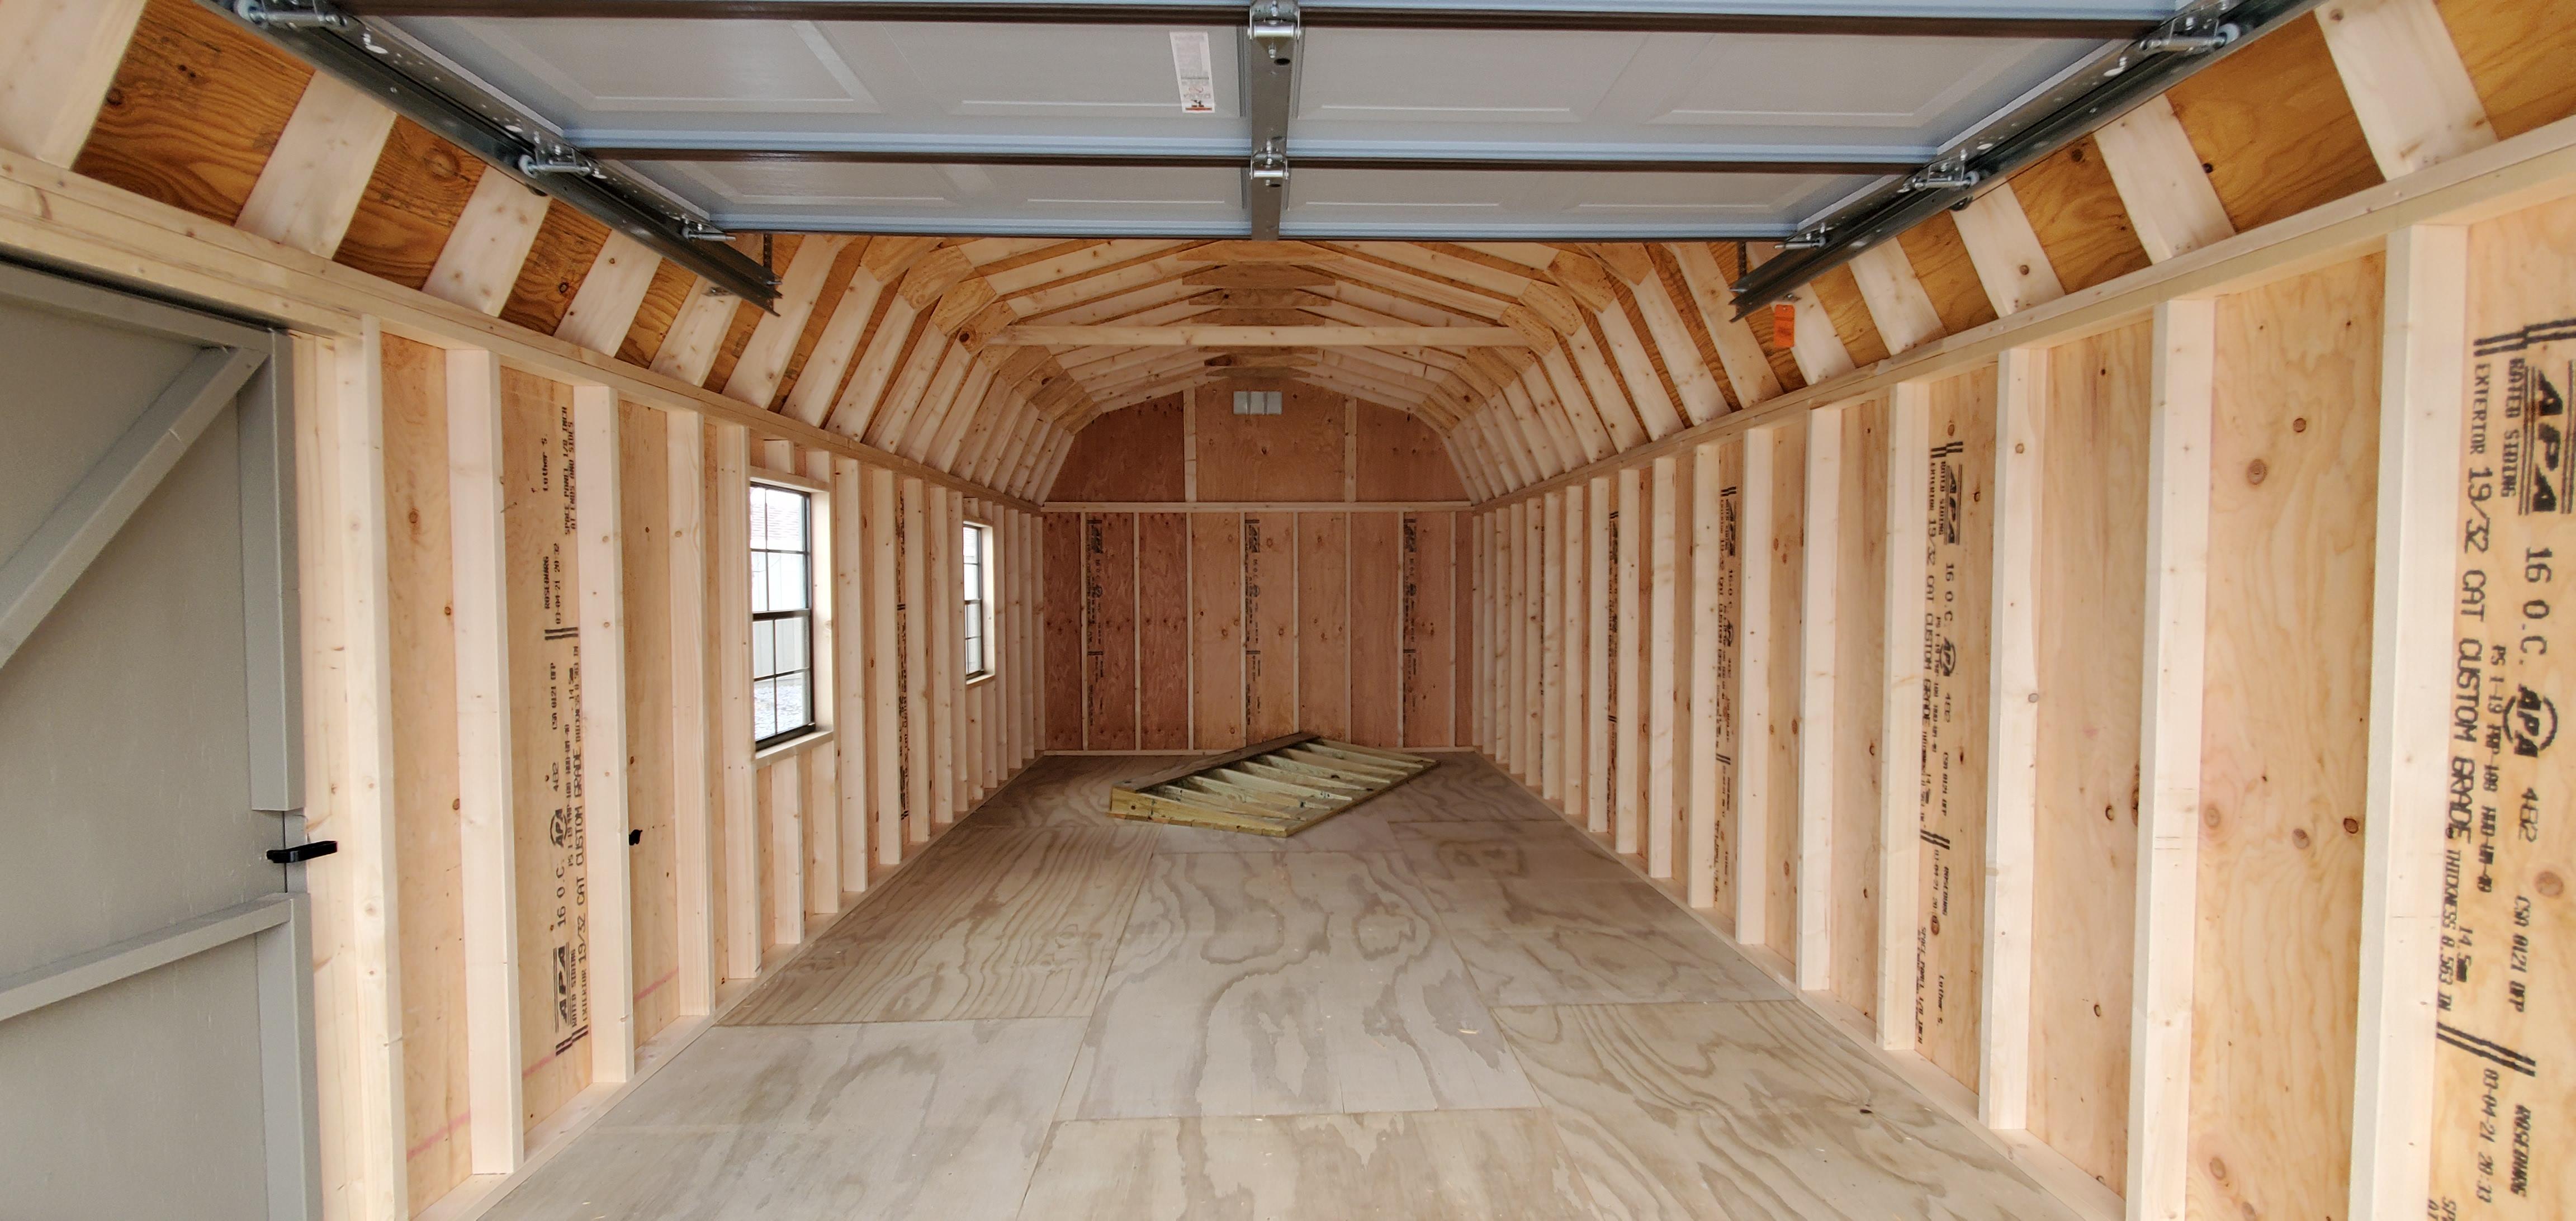 12' X 26' Duratemp Garage : Image 3